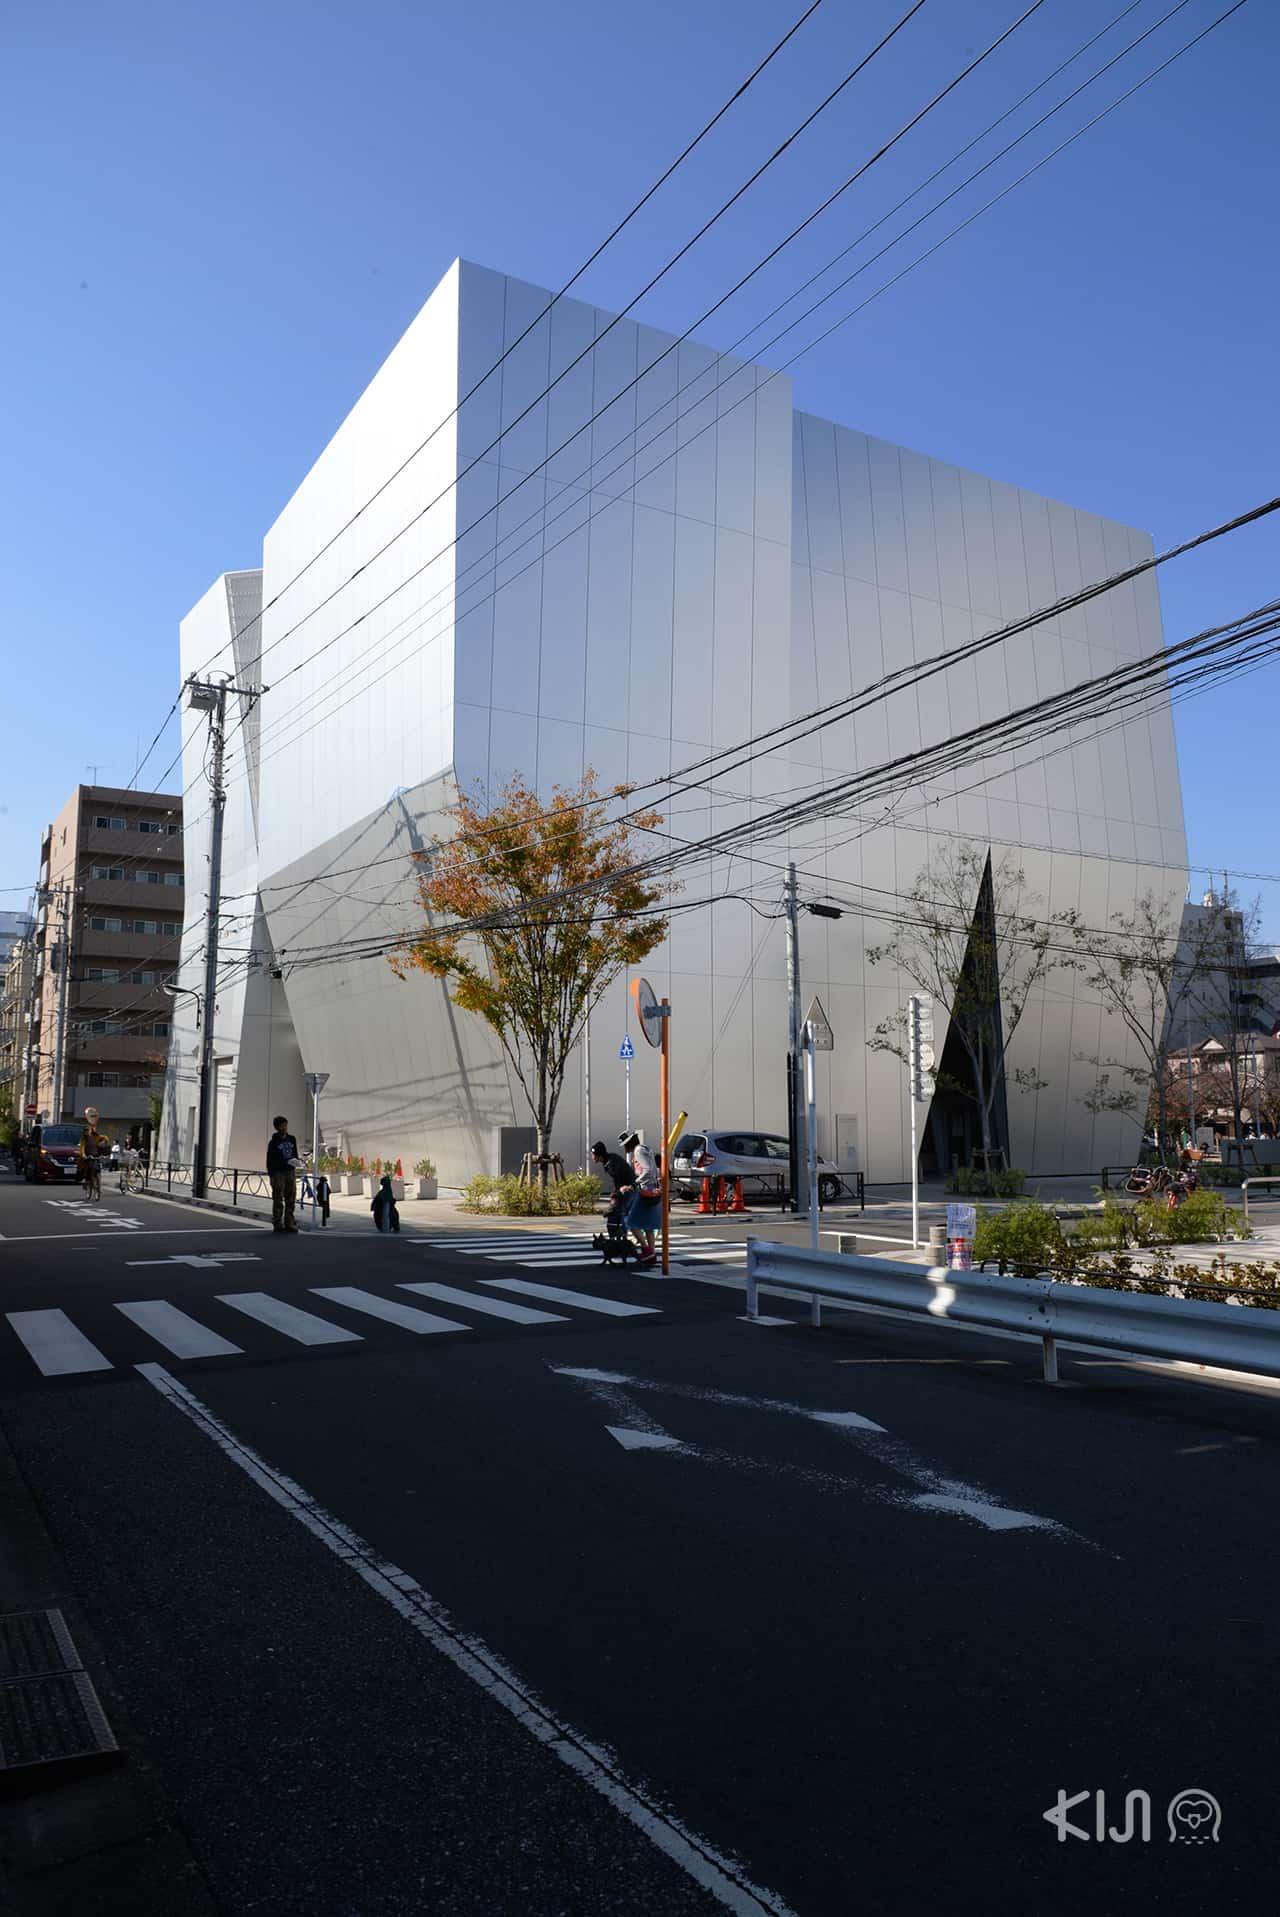 Sumida Hokusai Museum : พิพิธภัณฑ์โฮะคุไซในกรุงโตเกียว